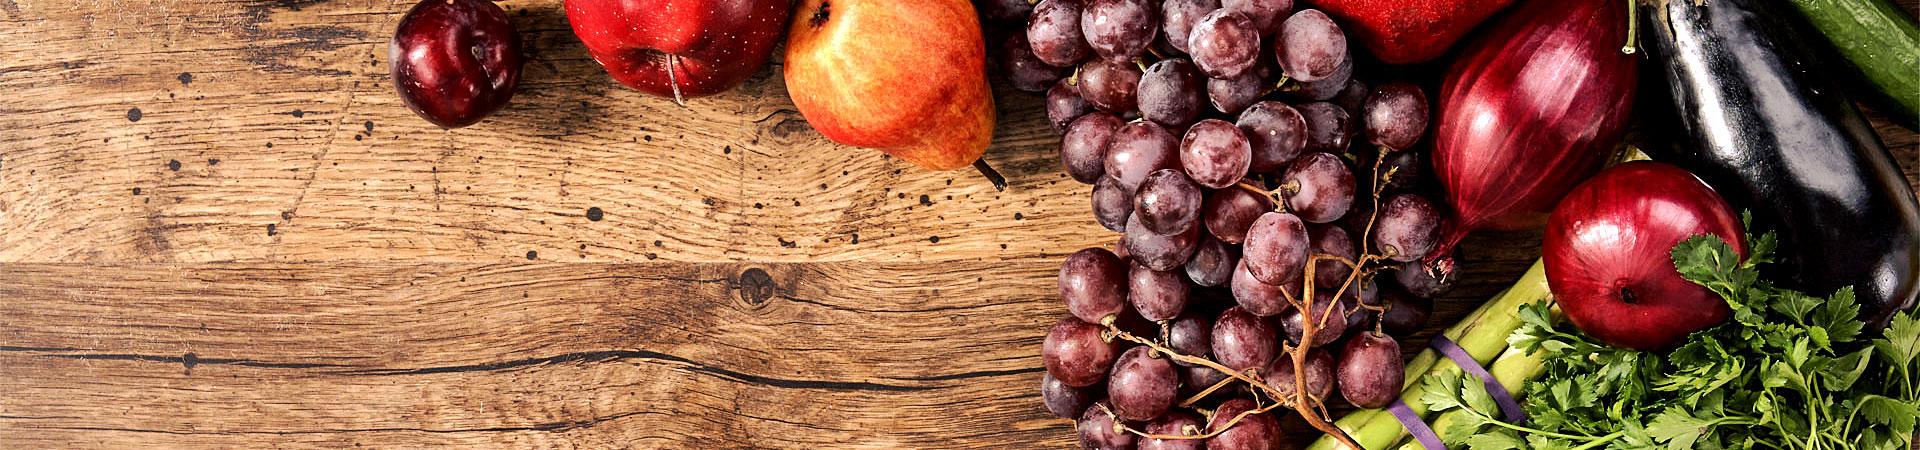 frutta e verdura - - giovanna pitotti biologo nutrizionista